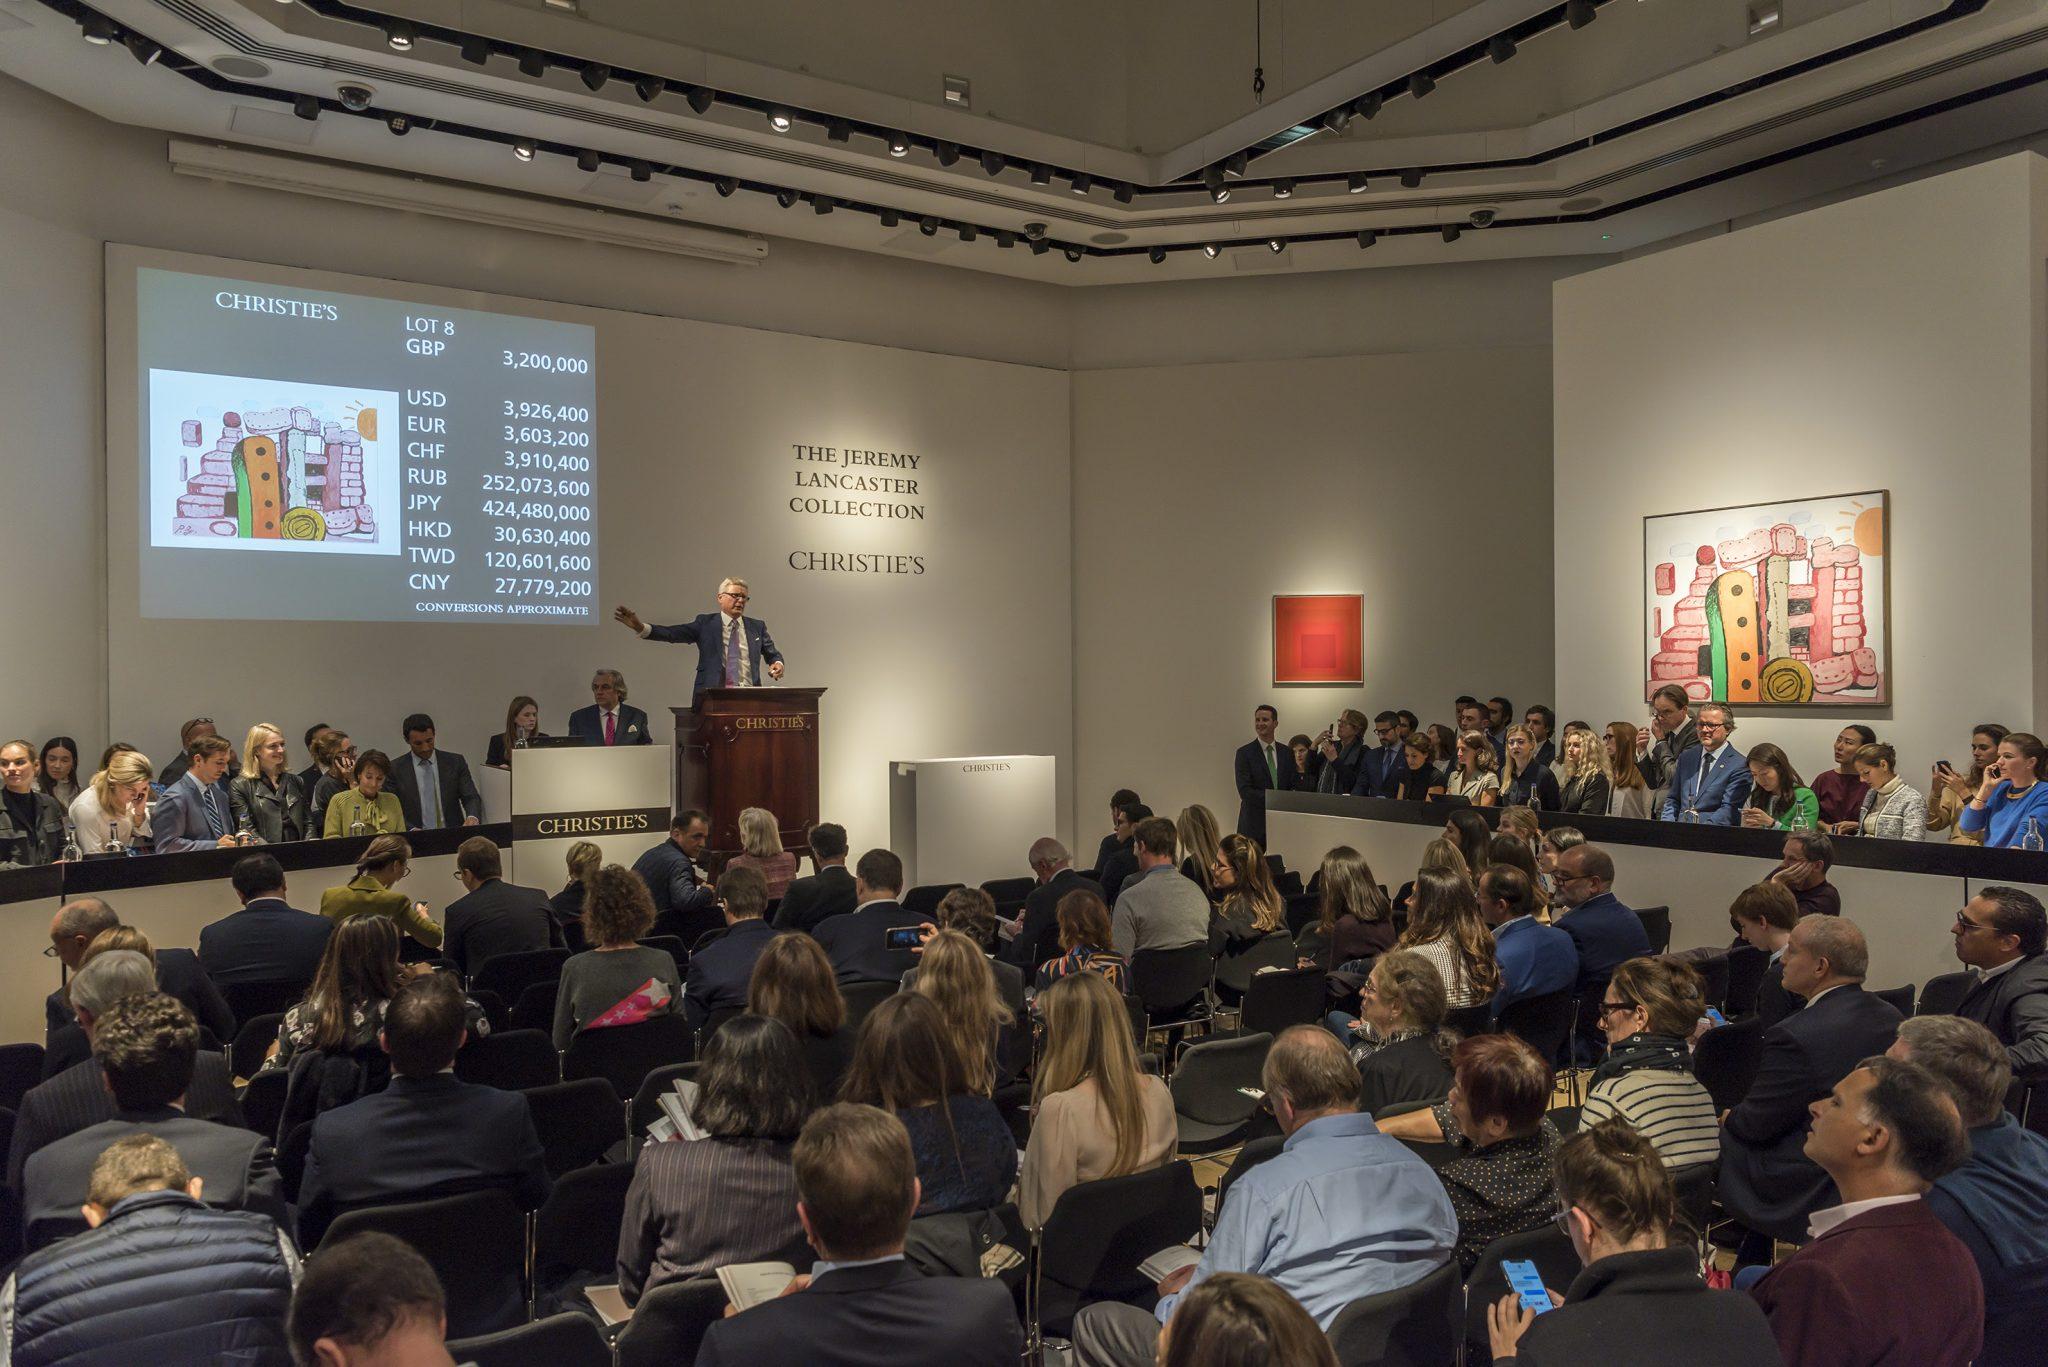 Oltre 23 milioni £ per la collezione Lancaster. 3,8 M £ per Philip Guston